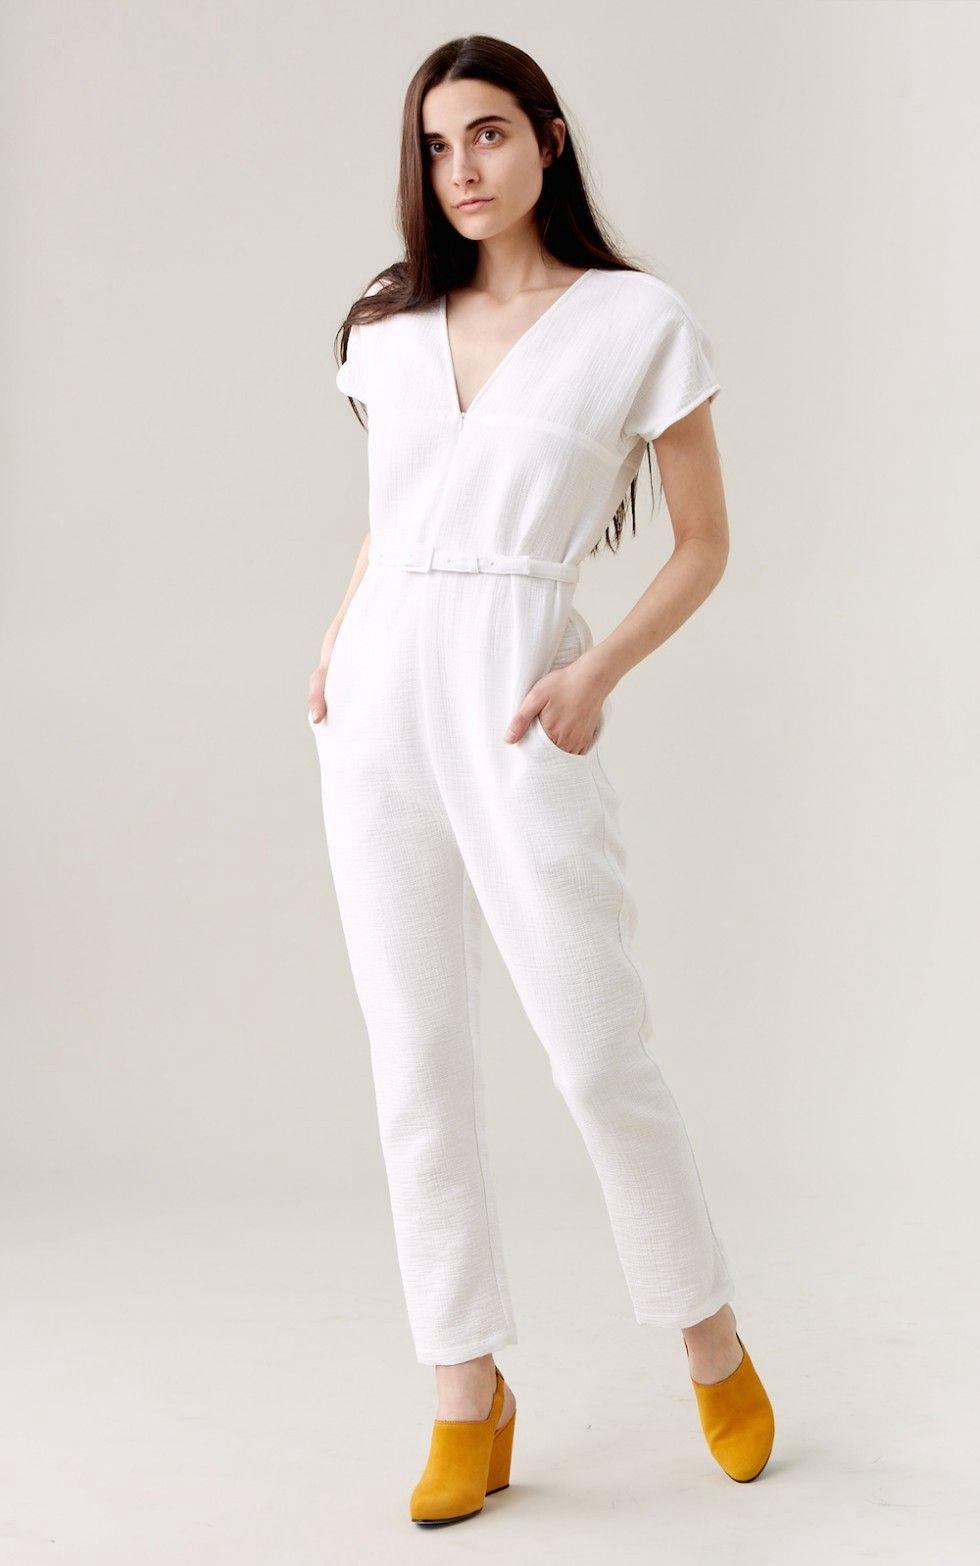 45dddddcfc57 RACHEL COMEY Glinda Jumpsuit - White.  rachelcomey  cloth